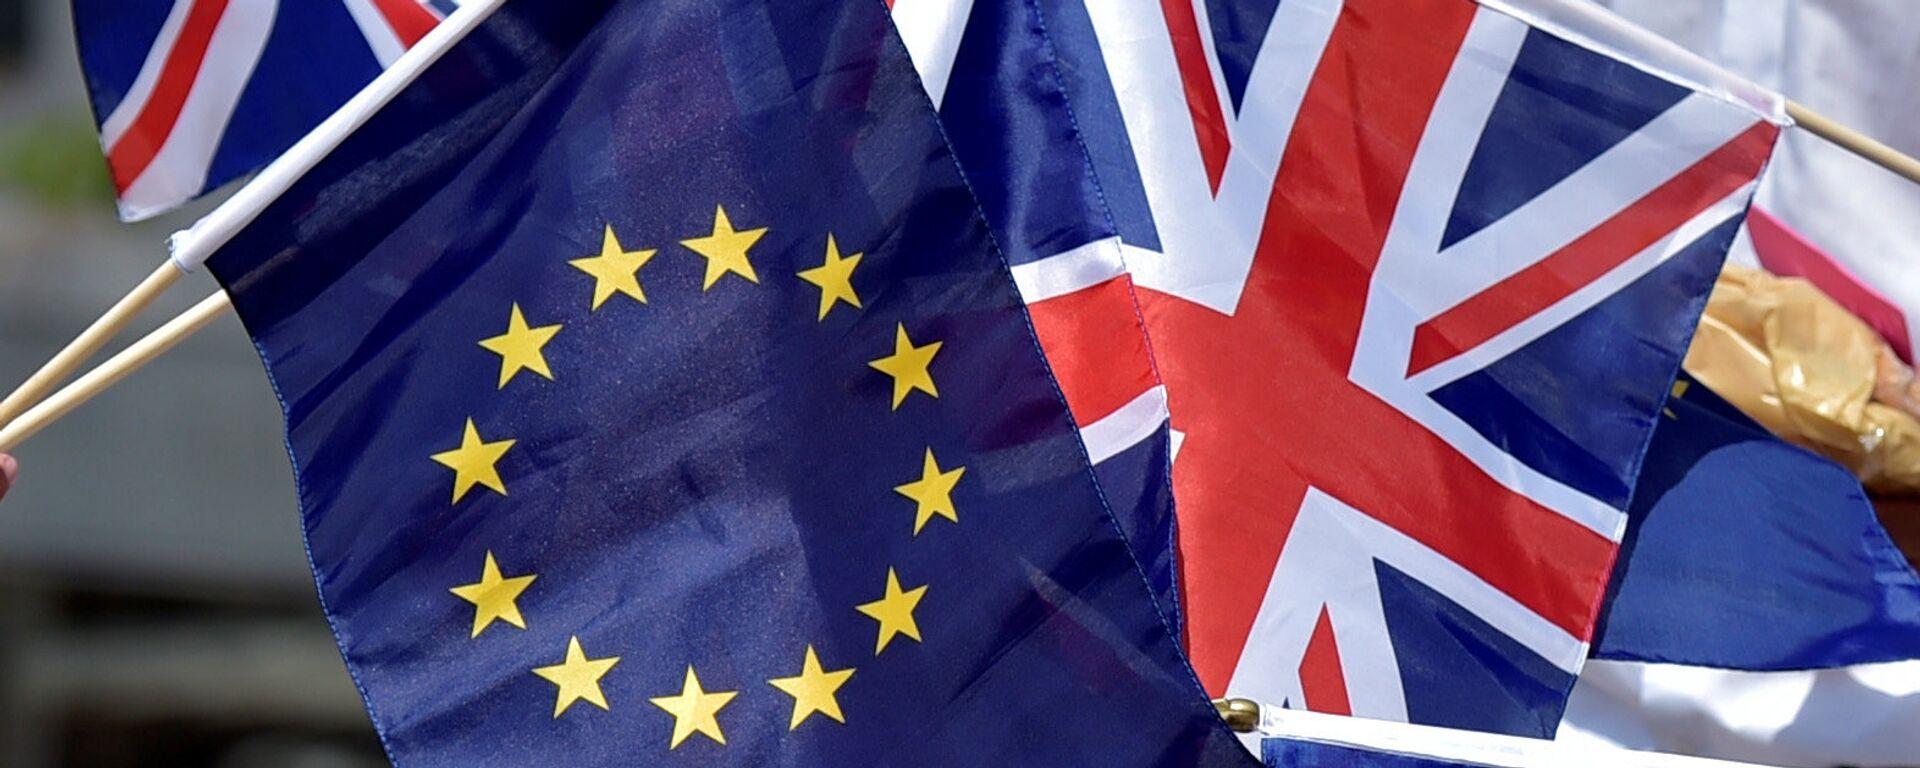 Las banderas de la UE y el Reino Unido - Sputnik Mundo, 1920, 27.04.2021